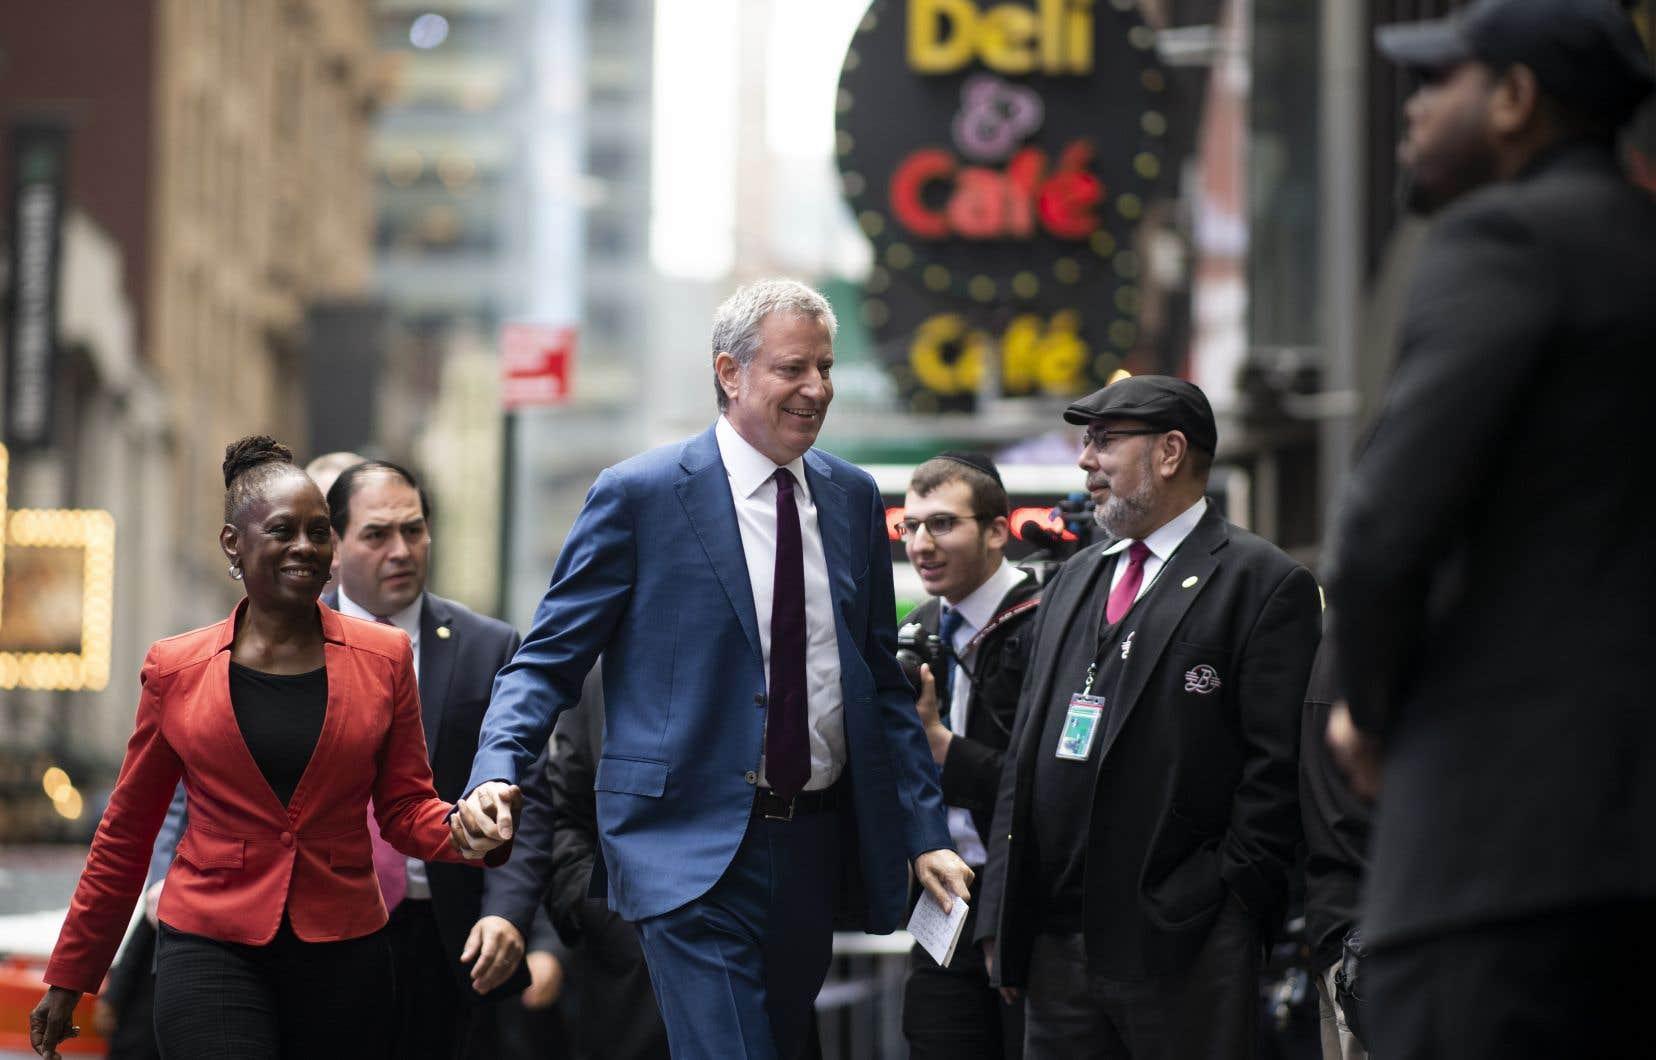 Bill de Blasio arrive à la station new-yorlaise du réseau ABC pour être interviewé lors de l'émission <em>Good Morning America</em>.